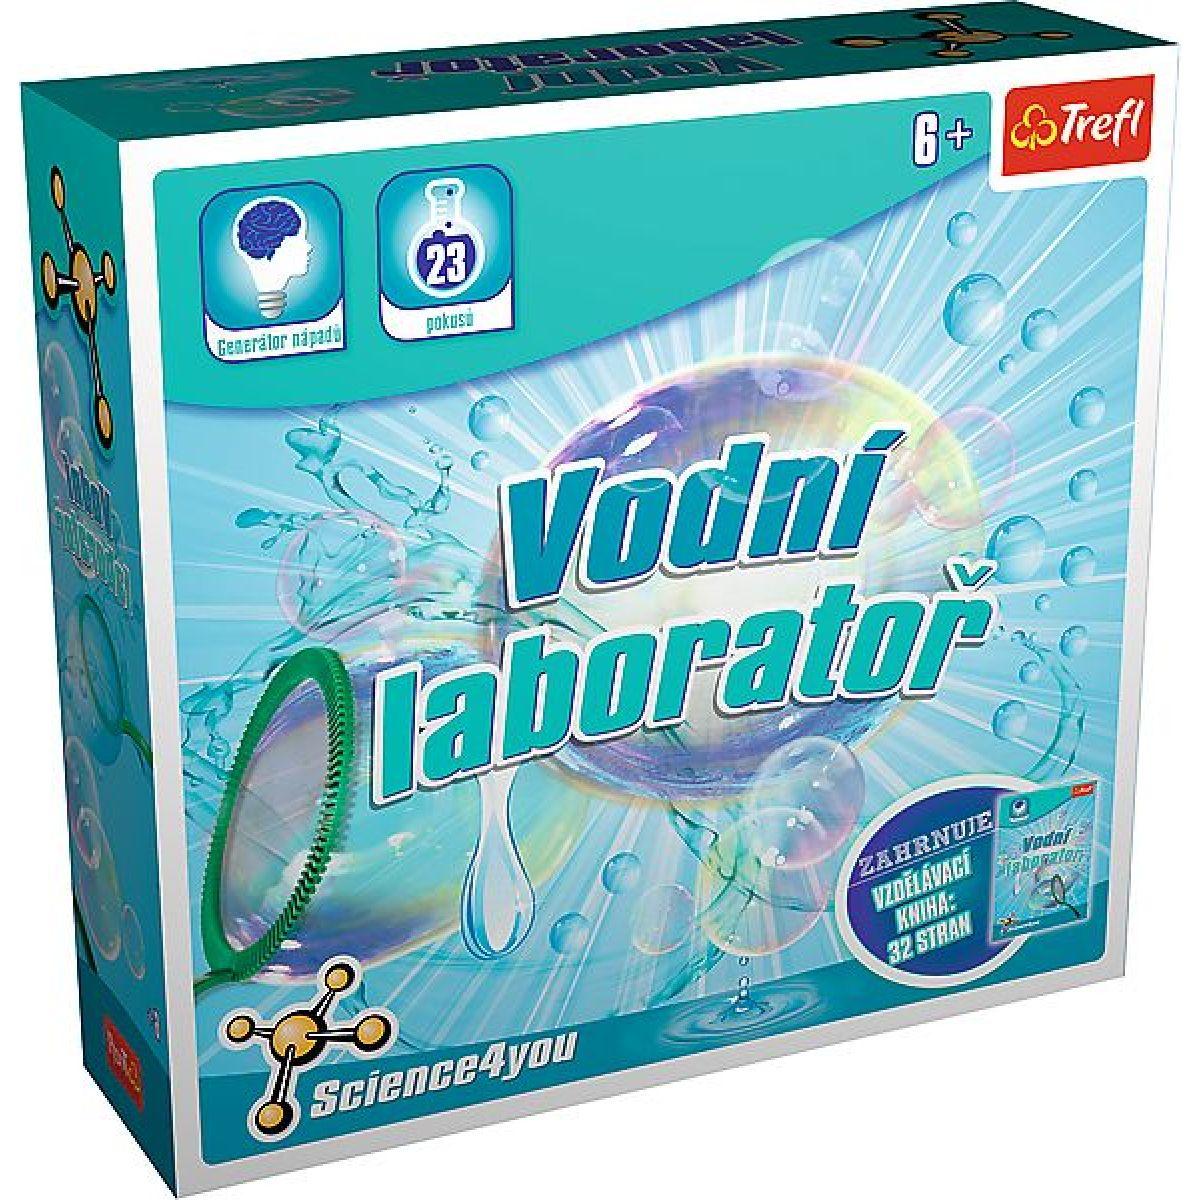 Trefl Vodní laboratoř Science 4 you